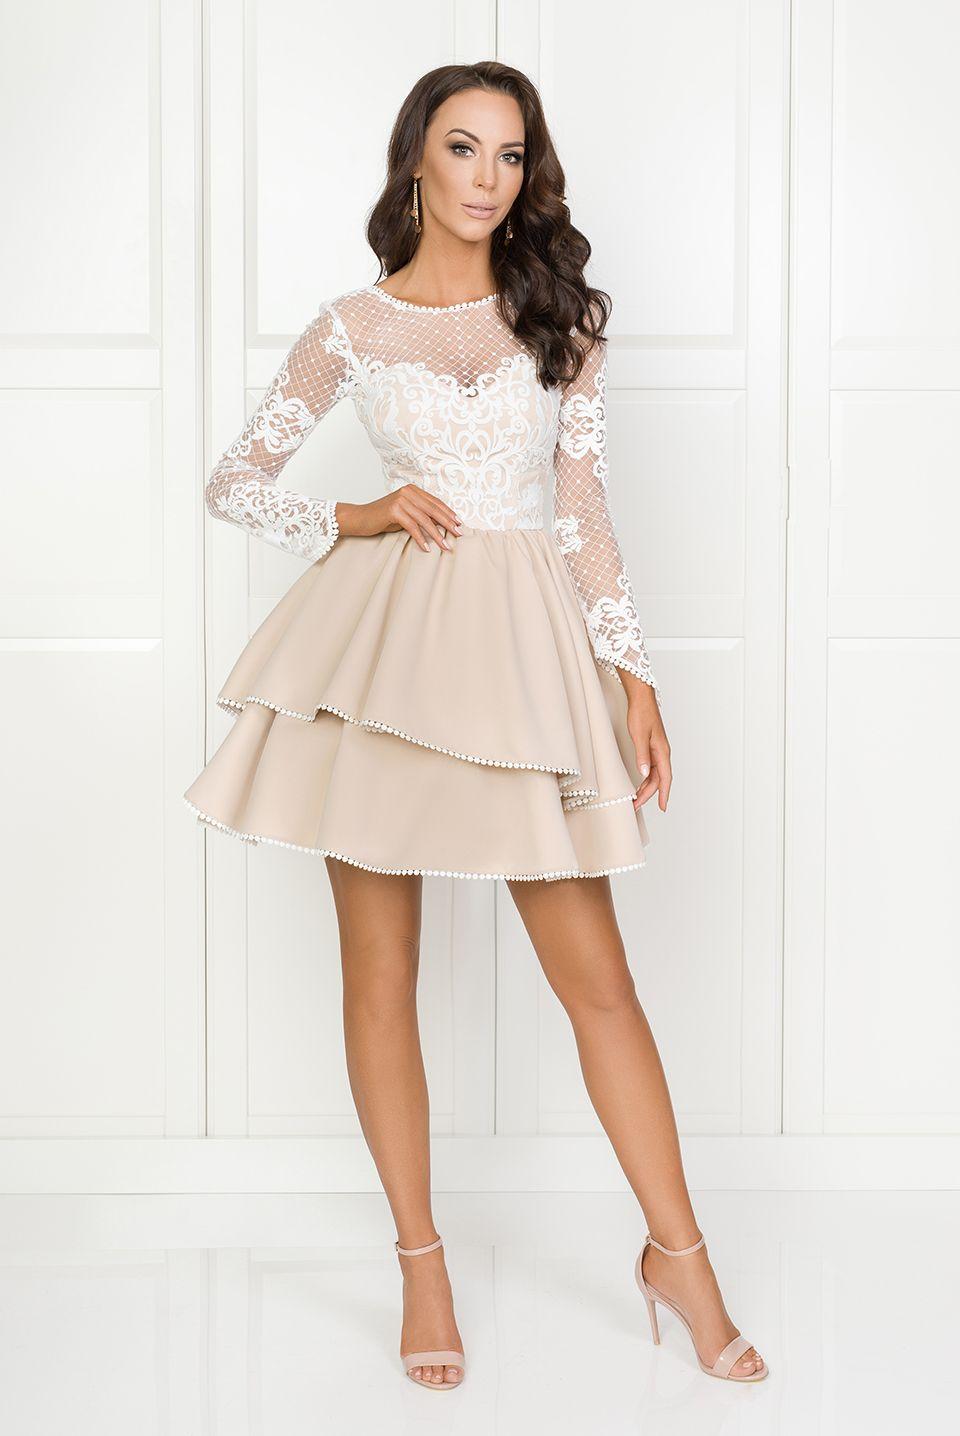 af4ee4728a Illuminate.pl Amelia - Rozkloszowana sukienka z beżowym dołem